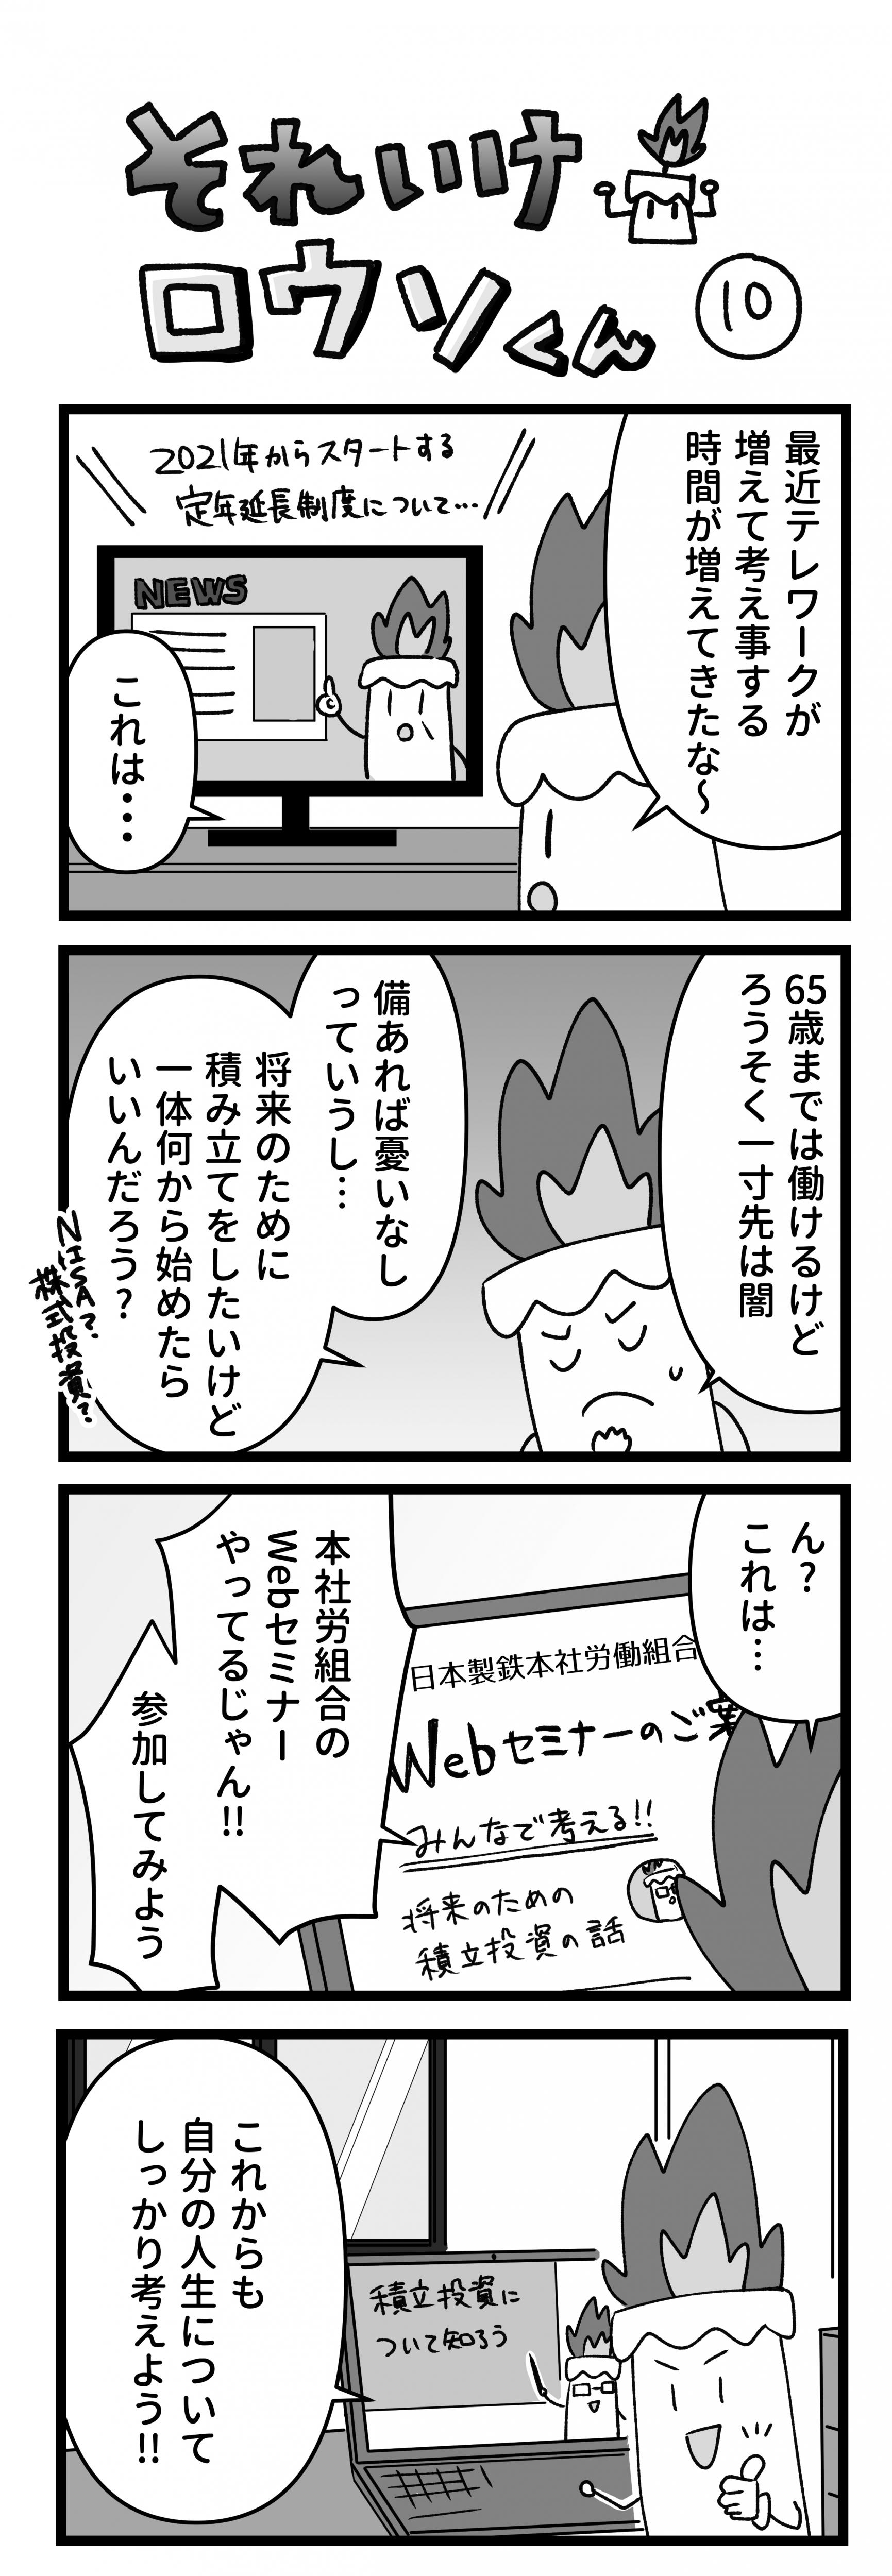 ろうそくん4コマ漫画第10弾[画像1]